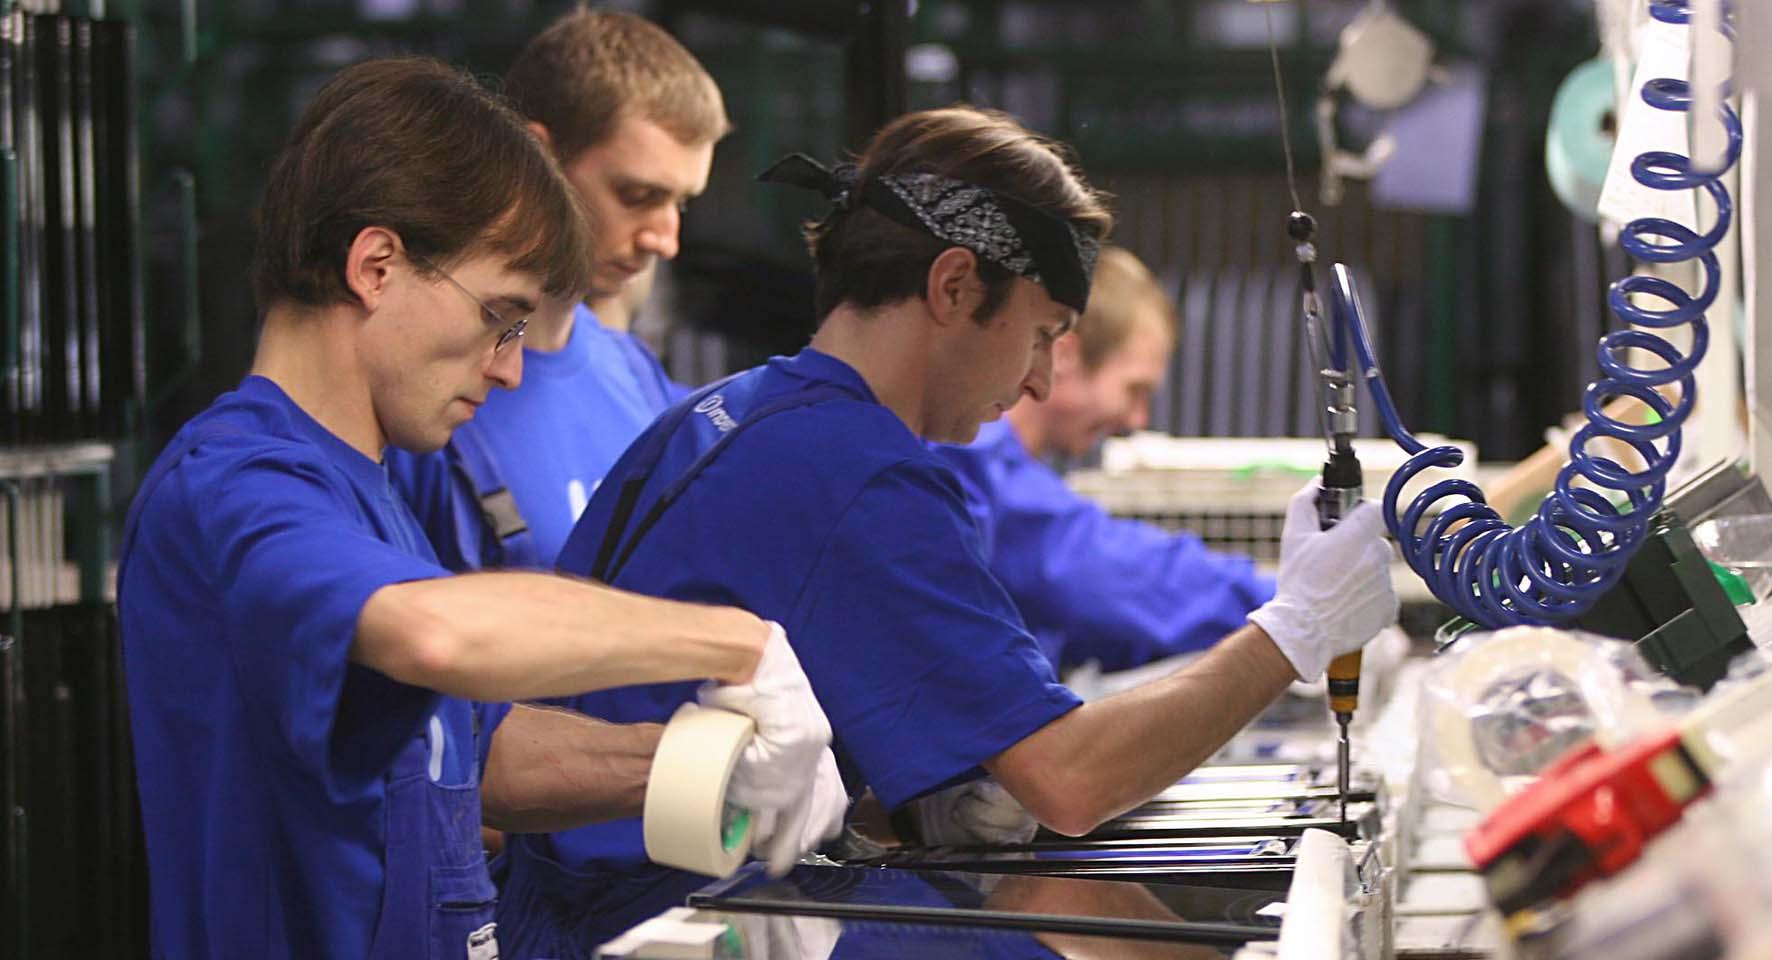 giovani lavoro fabbrica operai